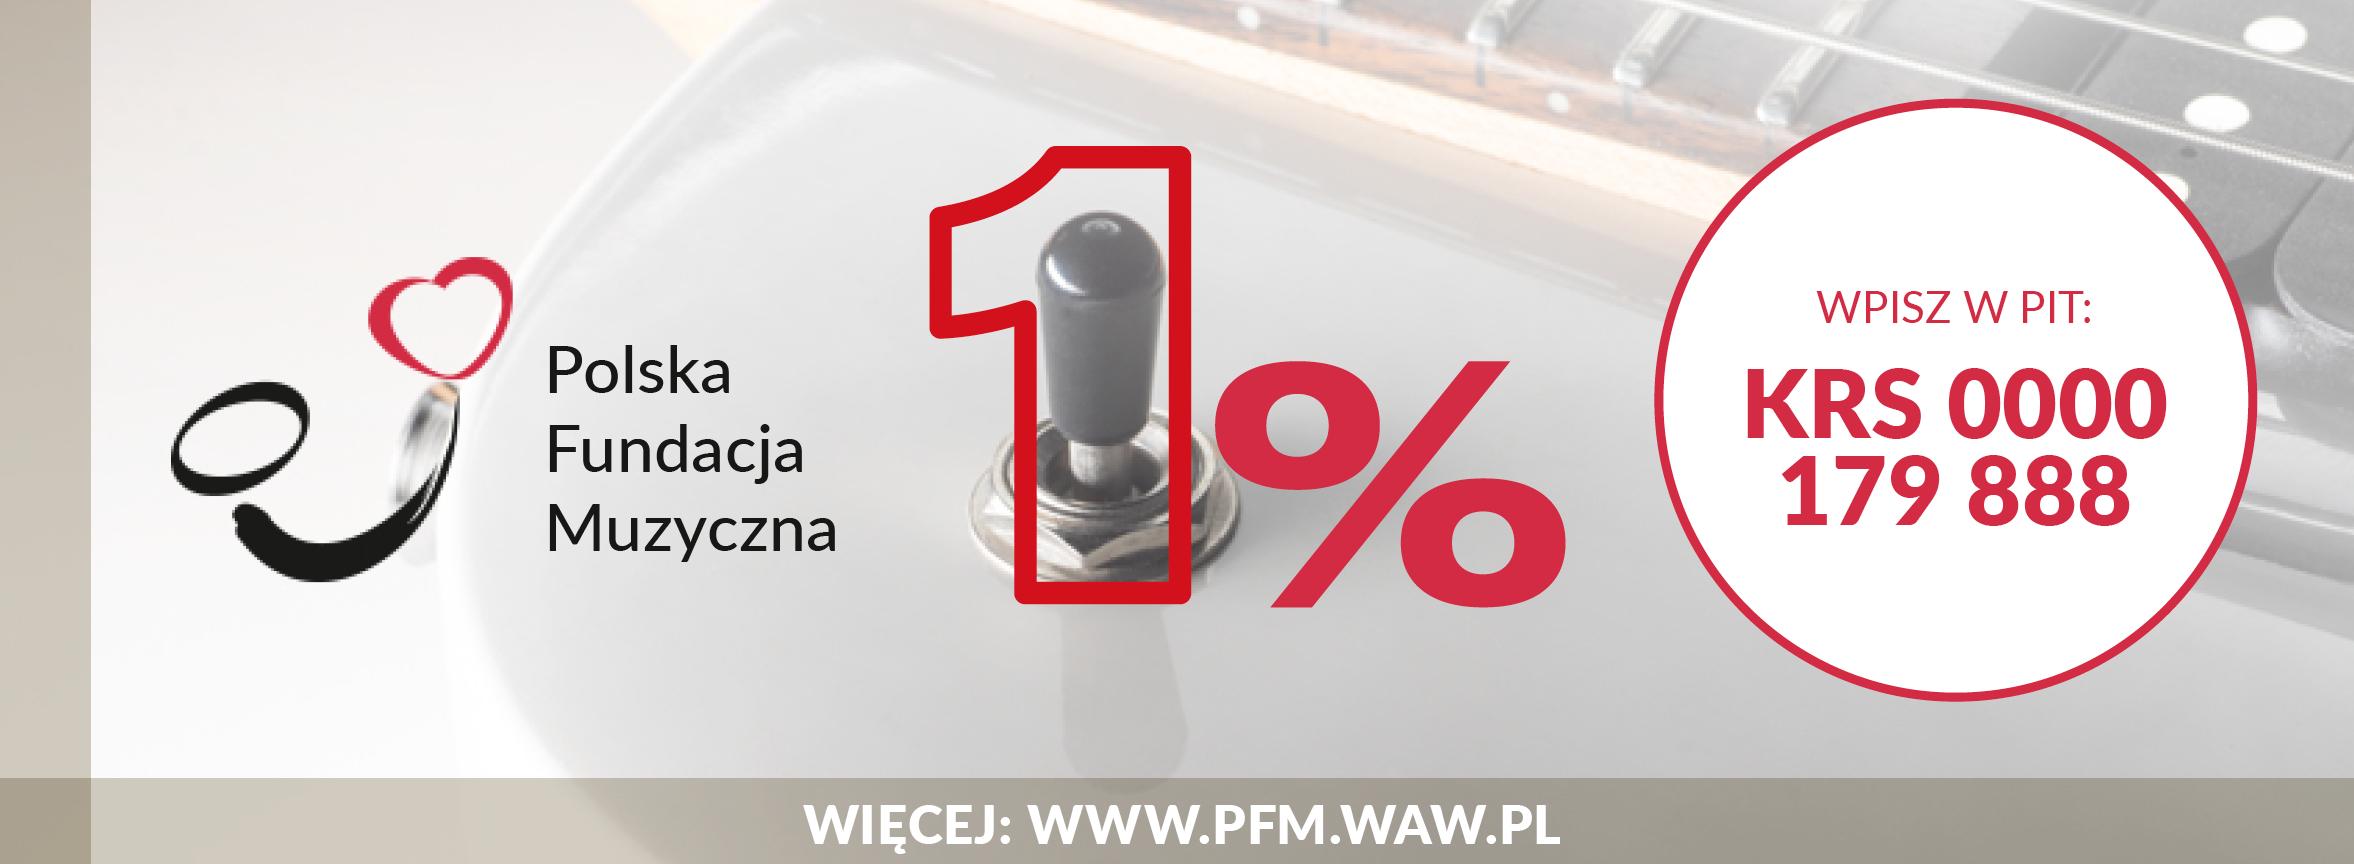 Polska Fundacja Muzyczna